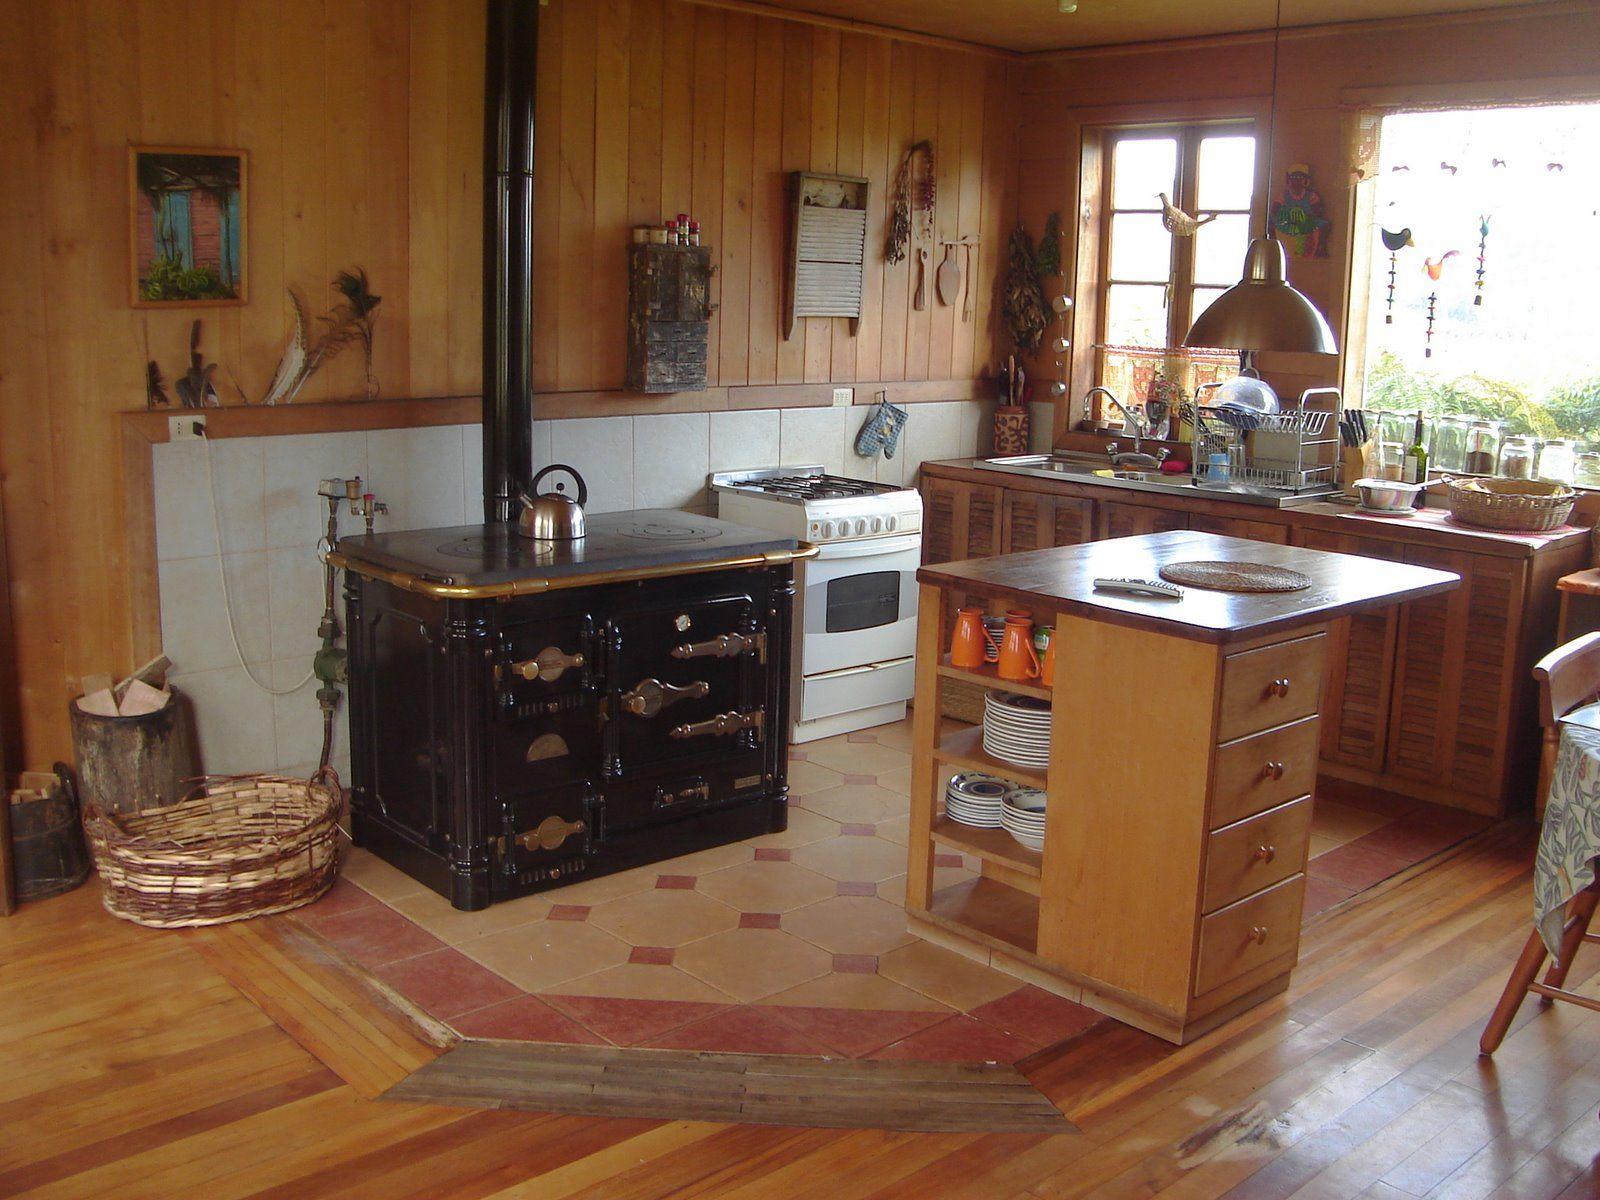 cocina integrada living comedor - Buscar con Google | Ideas de ...